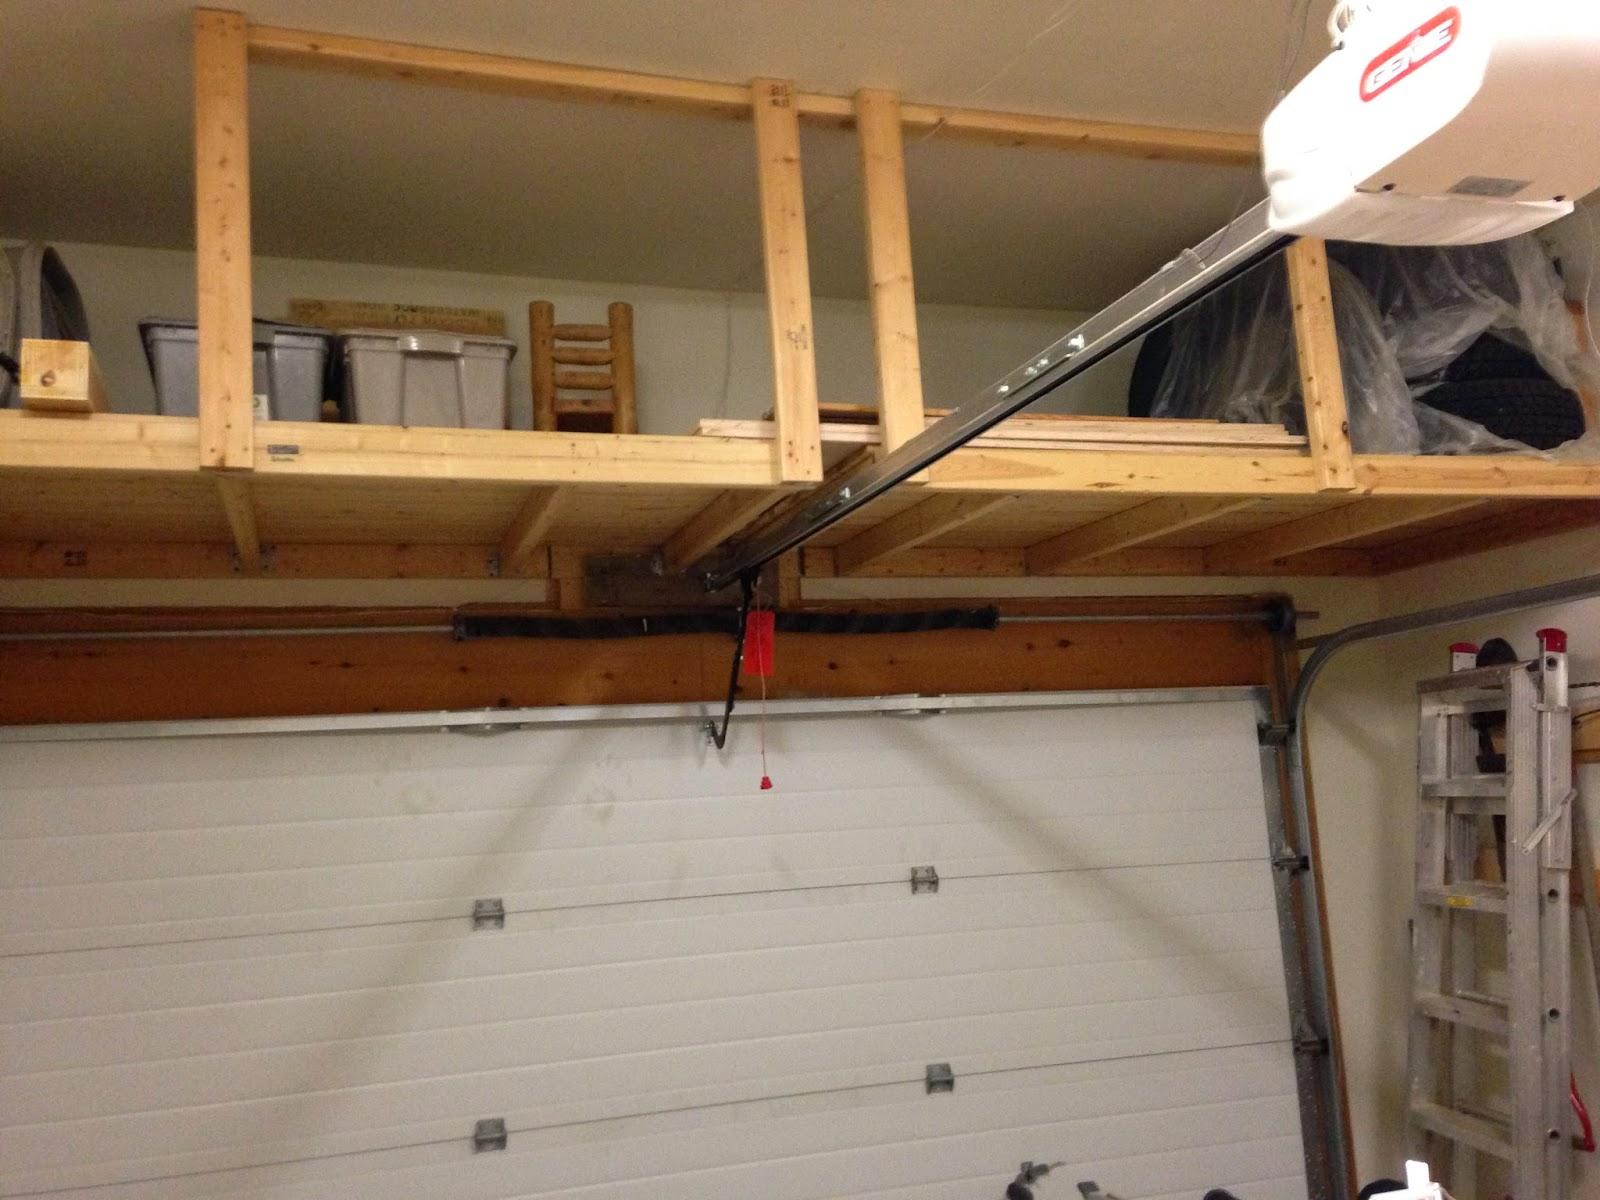 custom garage shelving and storage. Black Bedroom Furniture Sets. Home Design Ideas